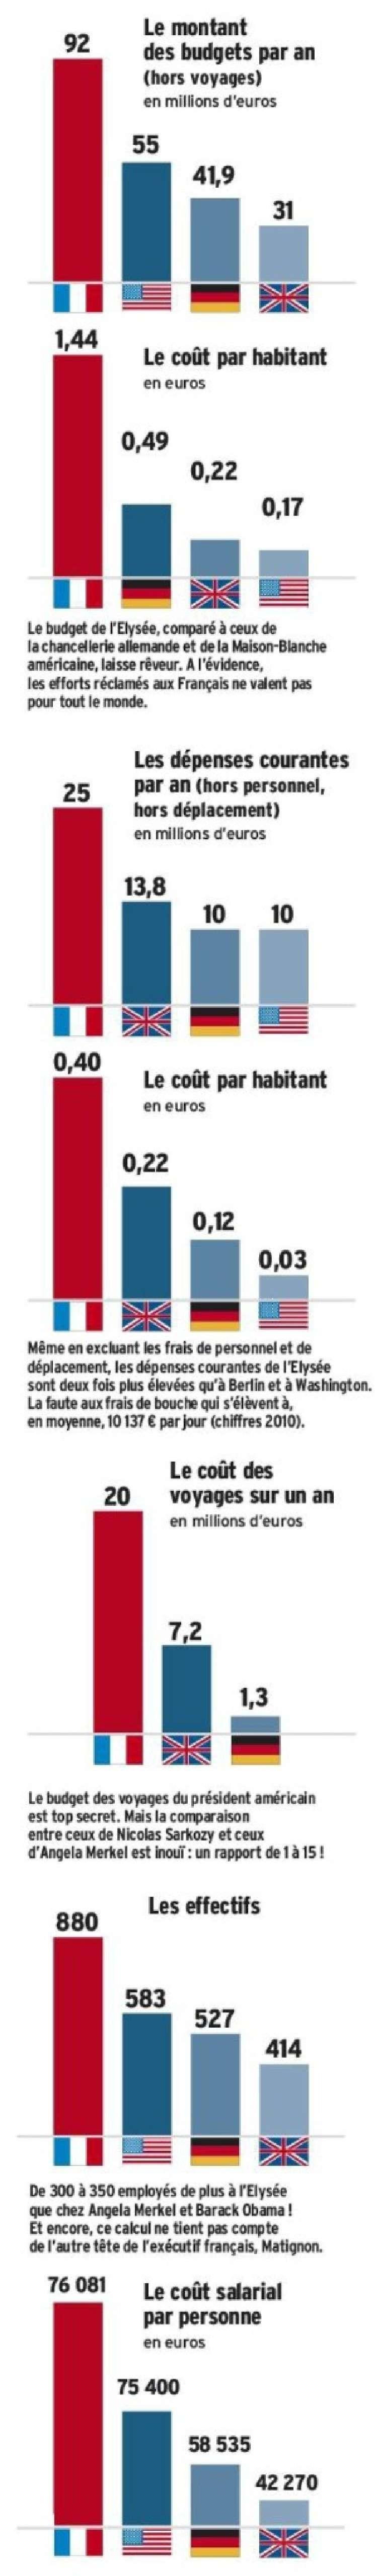 Sarkozy a couté 600 milliards d'euros à la France Depens12